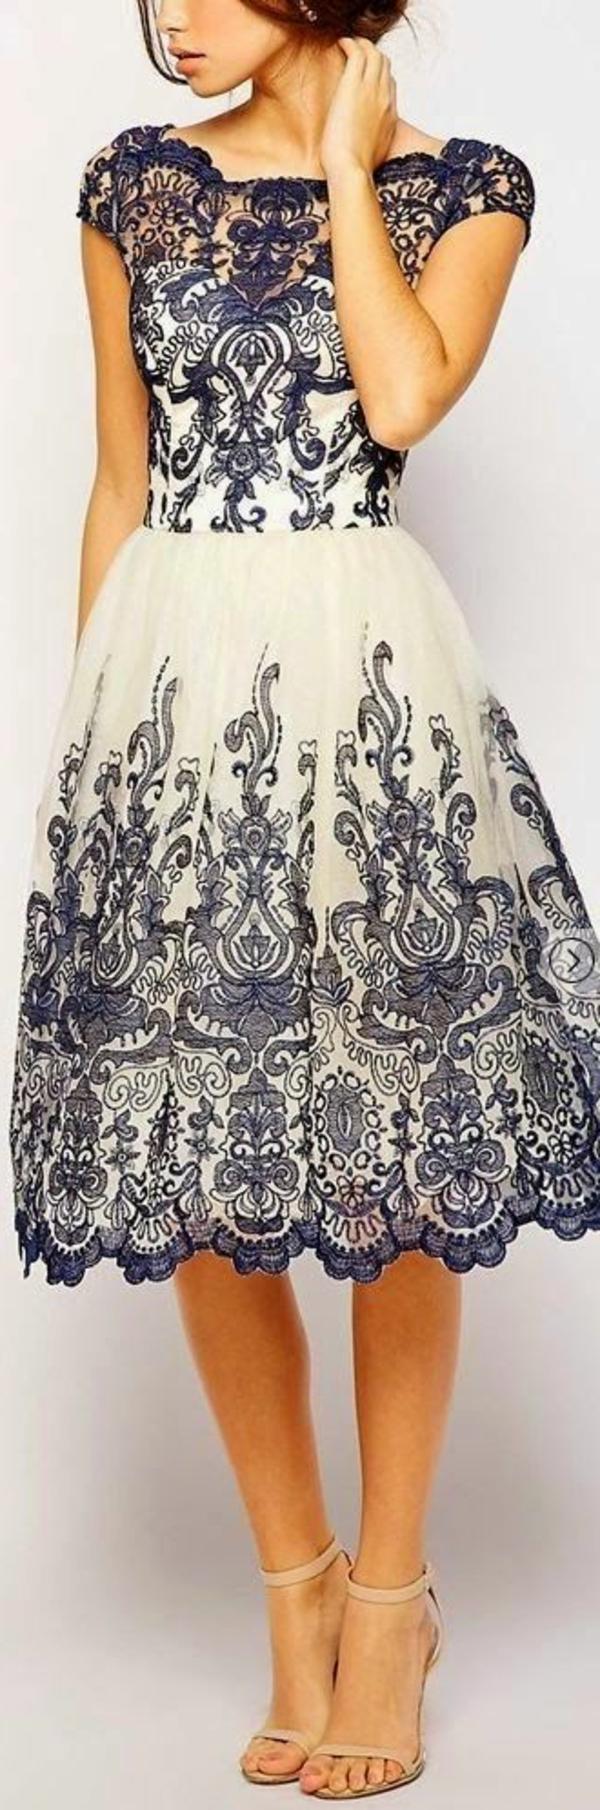 Tenue-de-soirée-occasion-spéciale-robe-courte-vintage